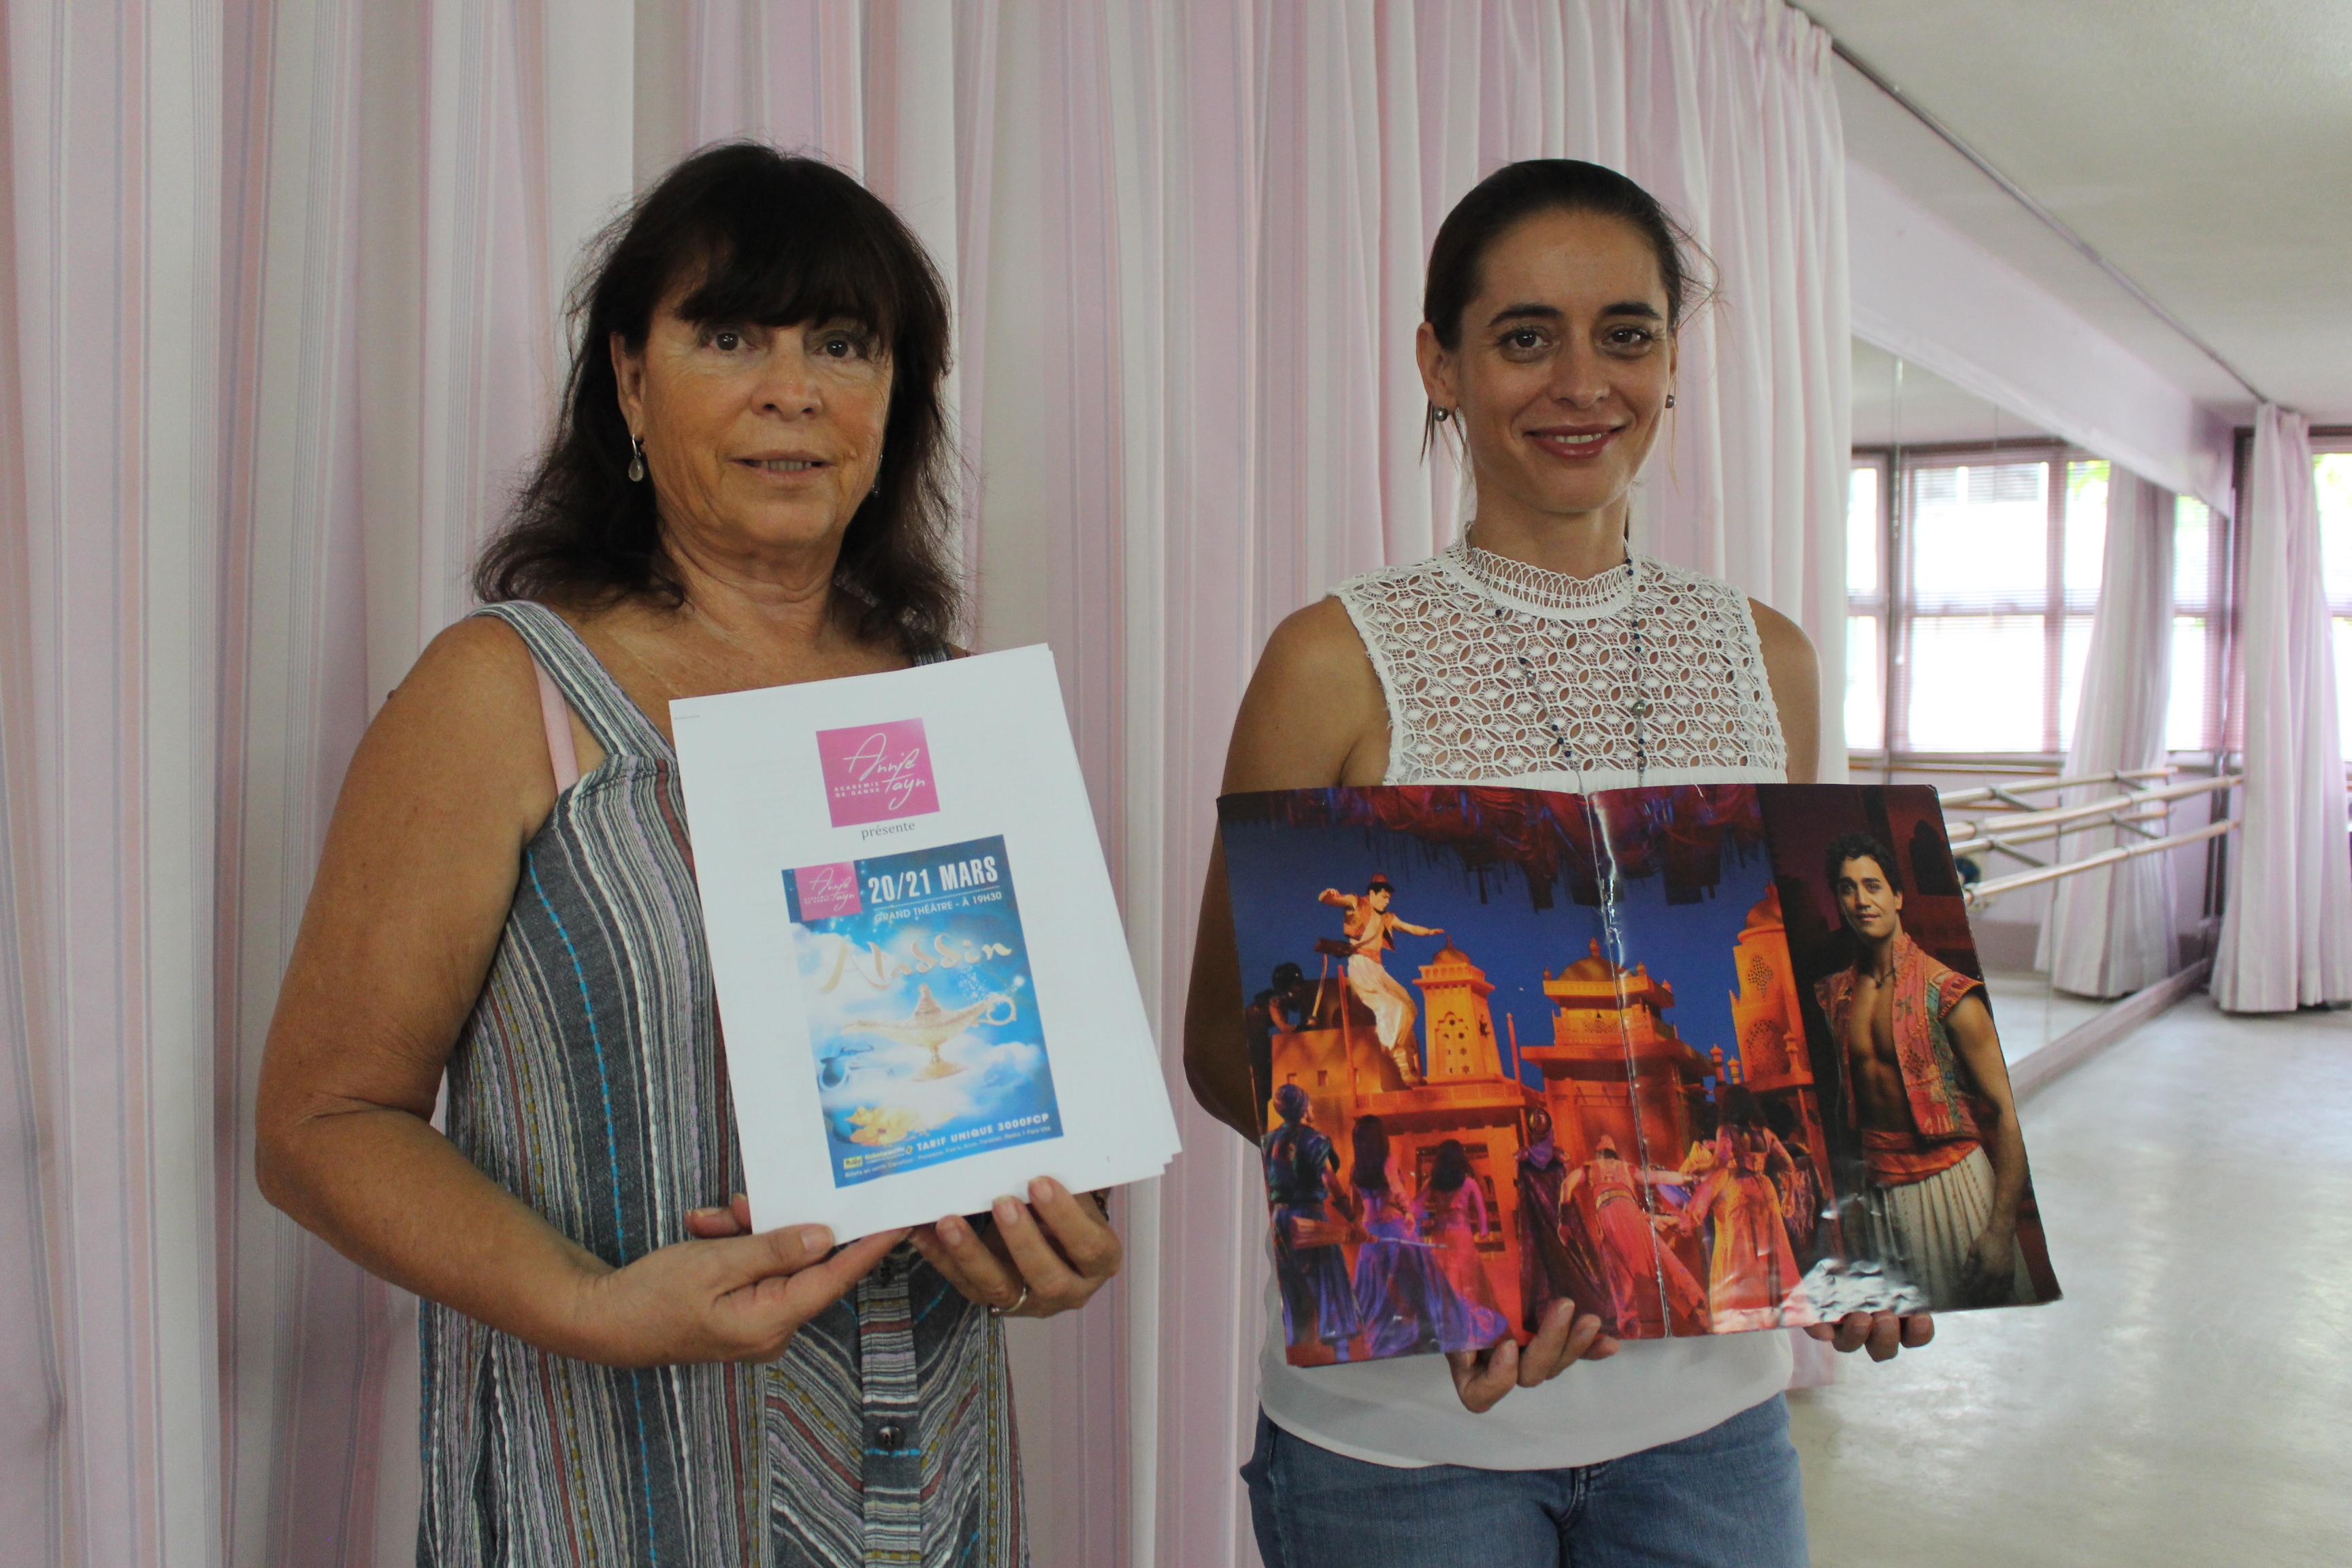 Voyage dans le monde merveilleux d'Aladdin avec l'académie de danse Annie Fayn